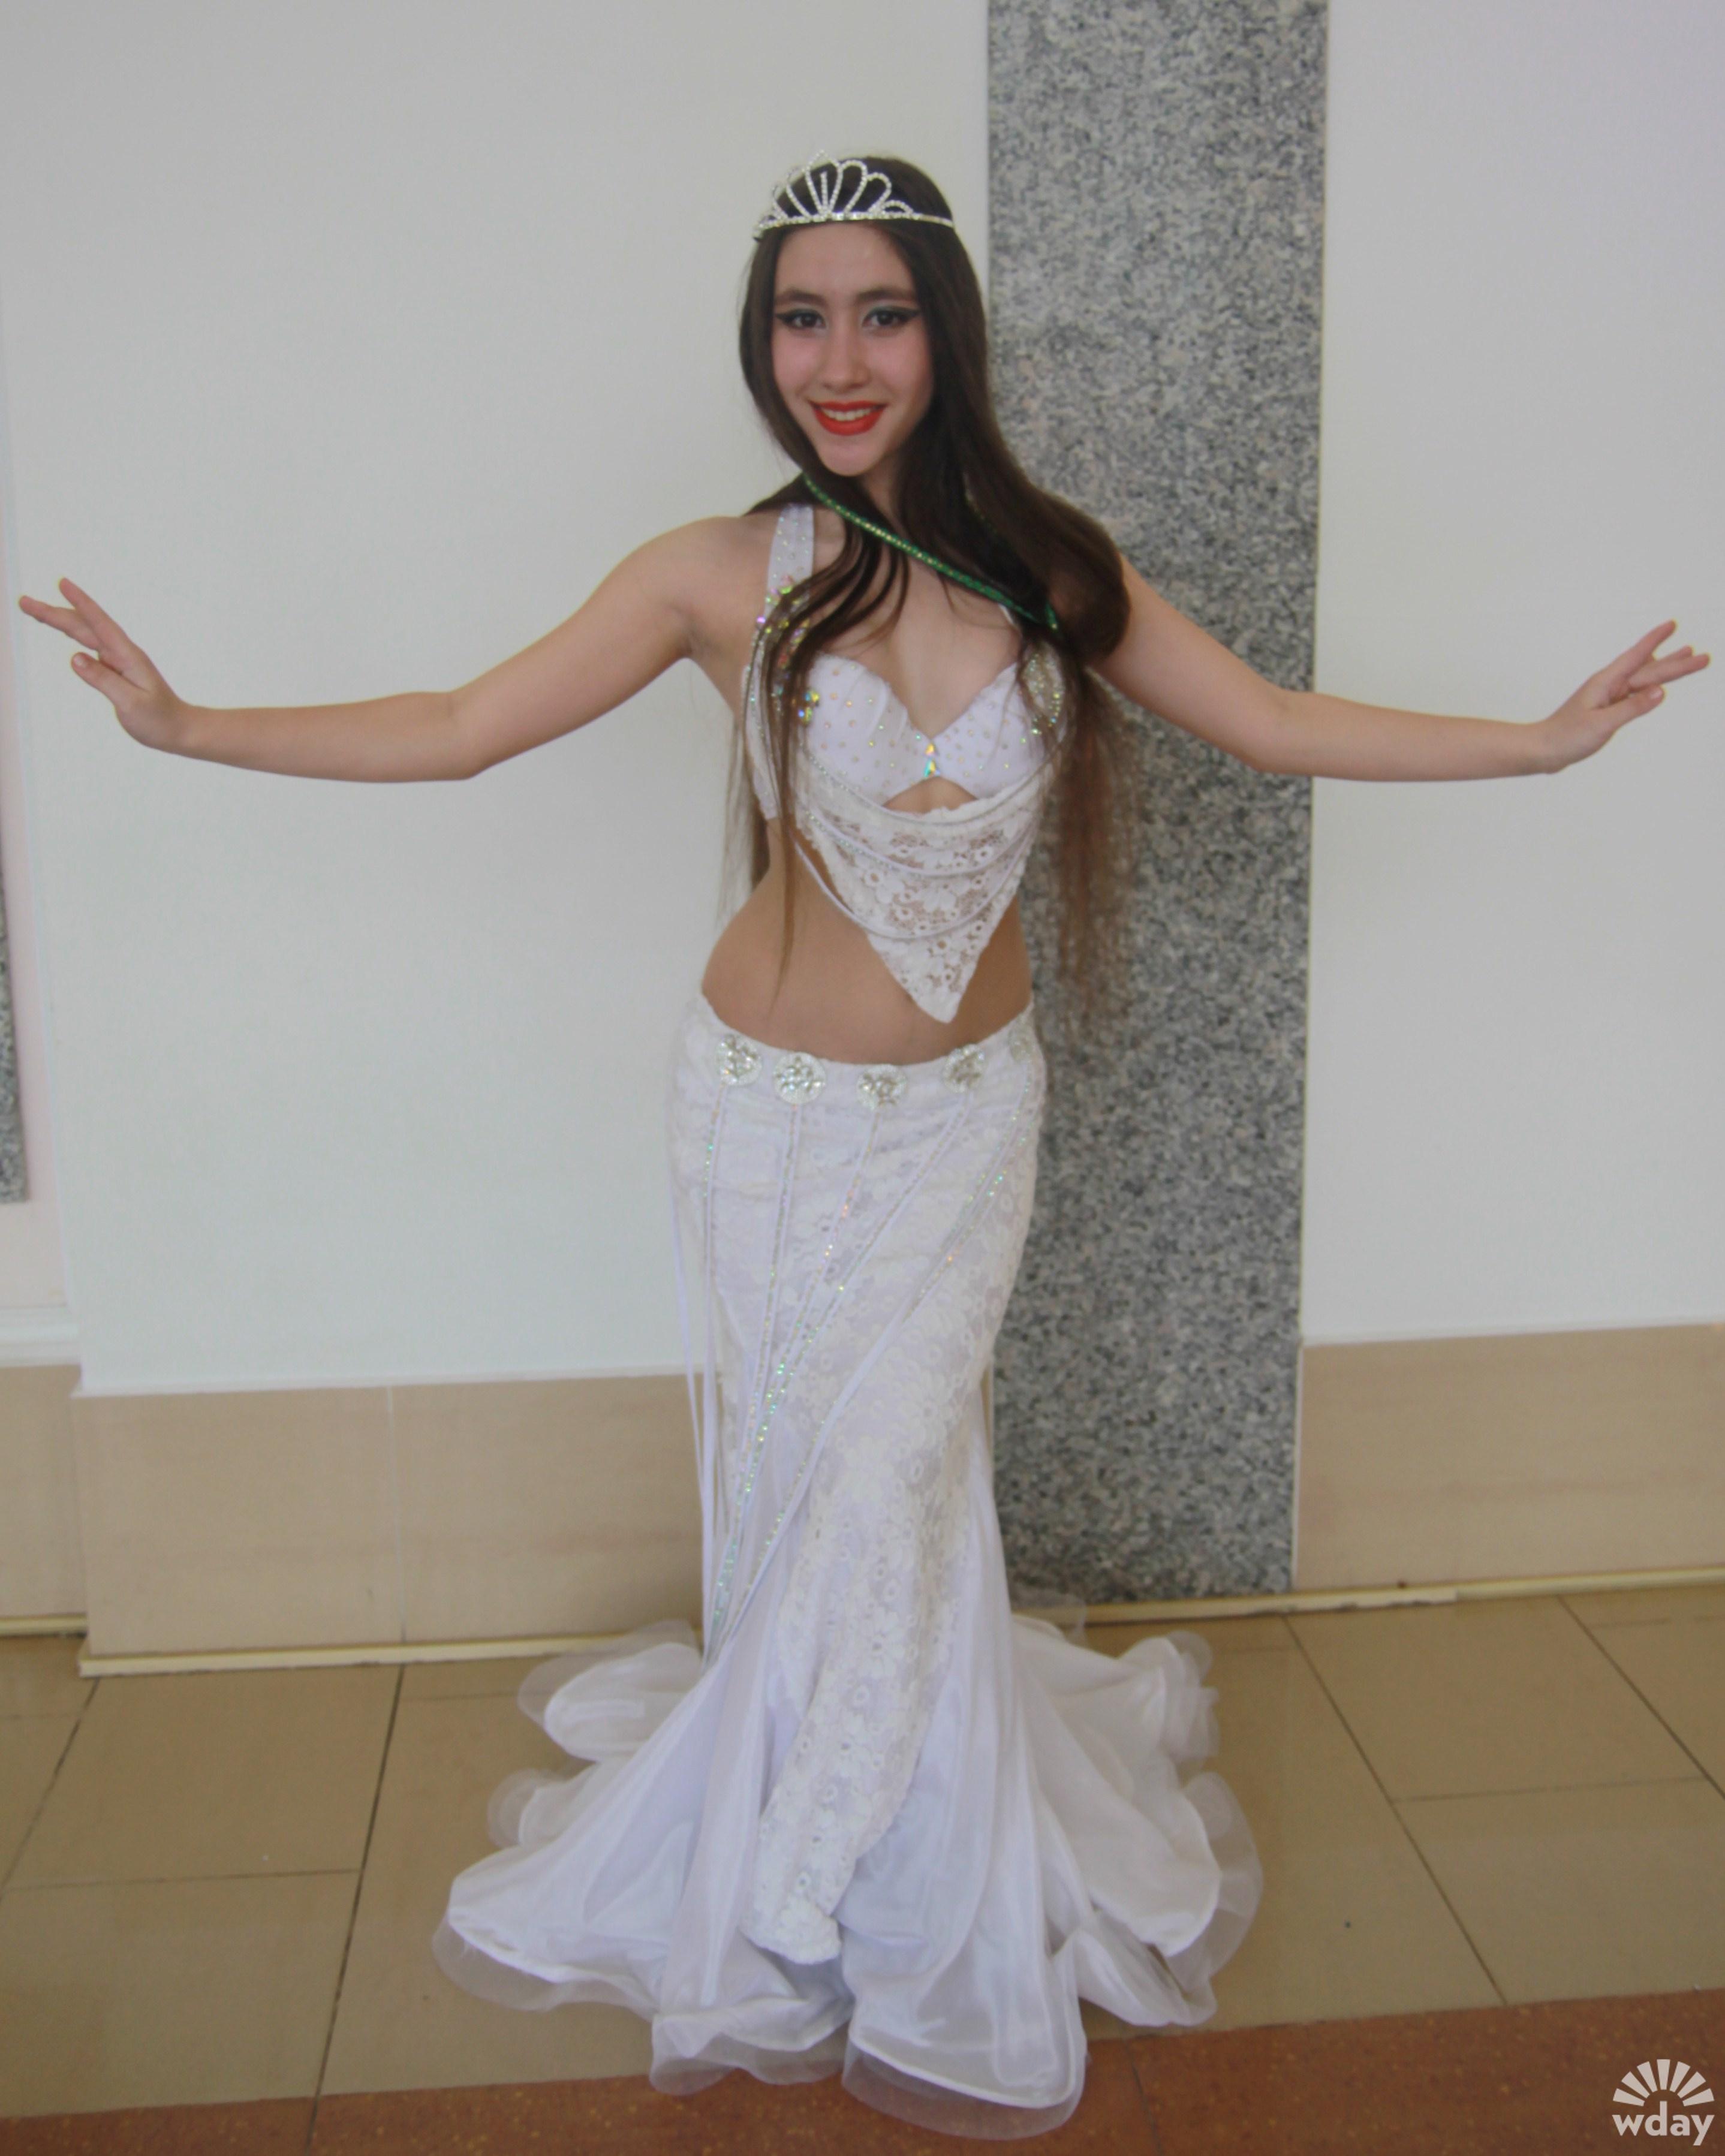 Восточные танцы, танец живота, фото костюмы